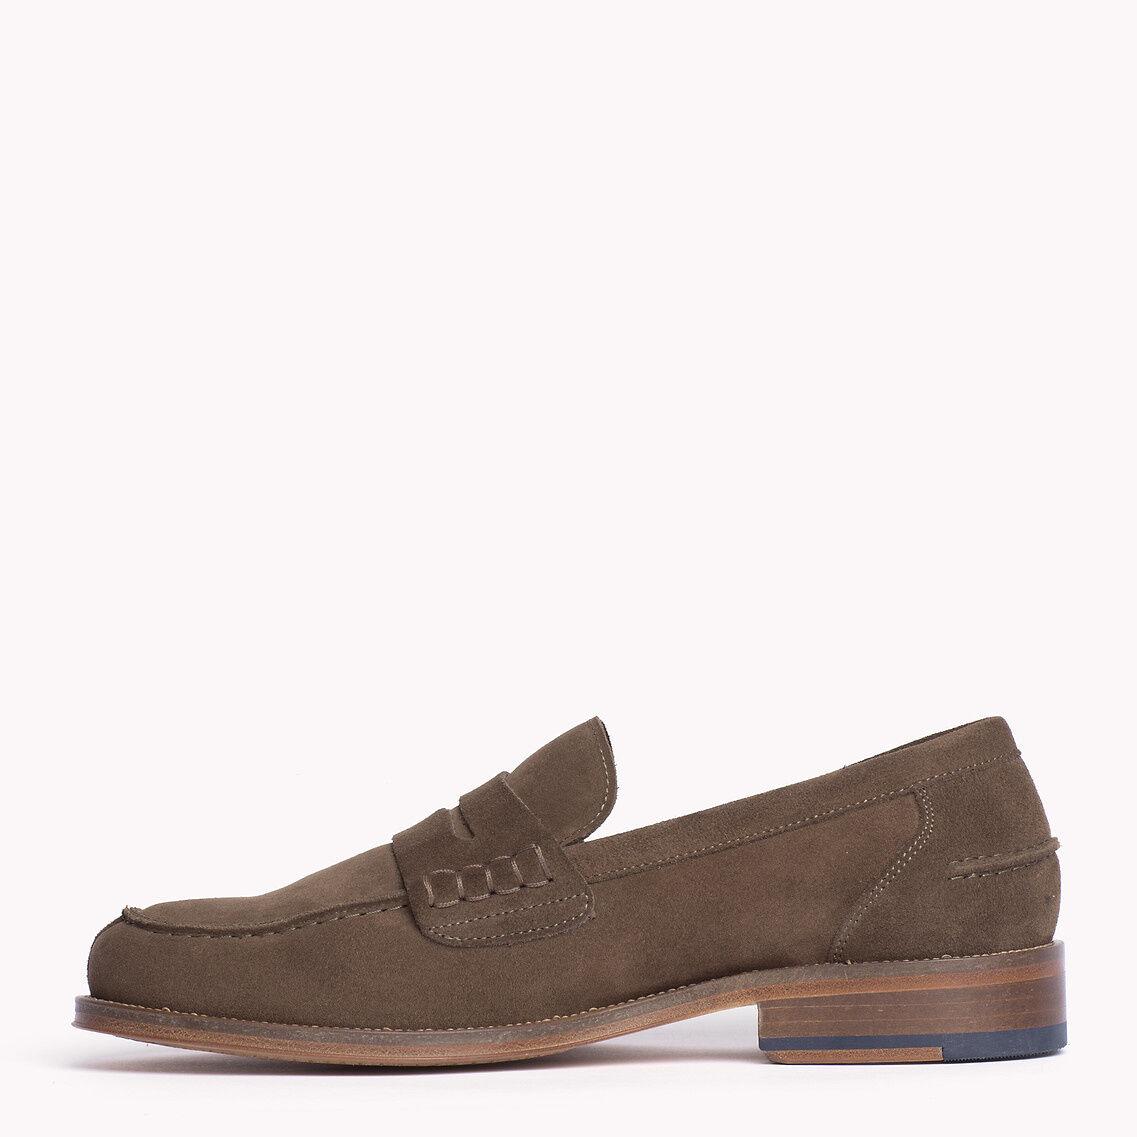 TOMMY HILFIGER Herren NEU Schuhe Wildleder-Loafer Größe 41 NEU Herren fdc89f